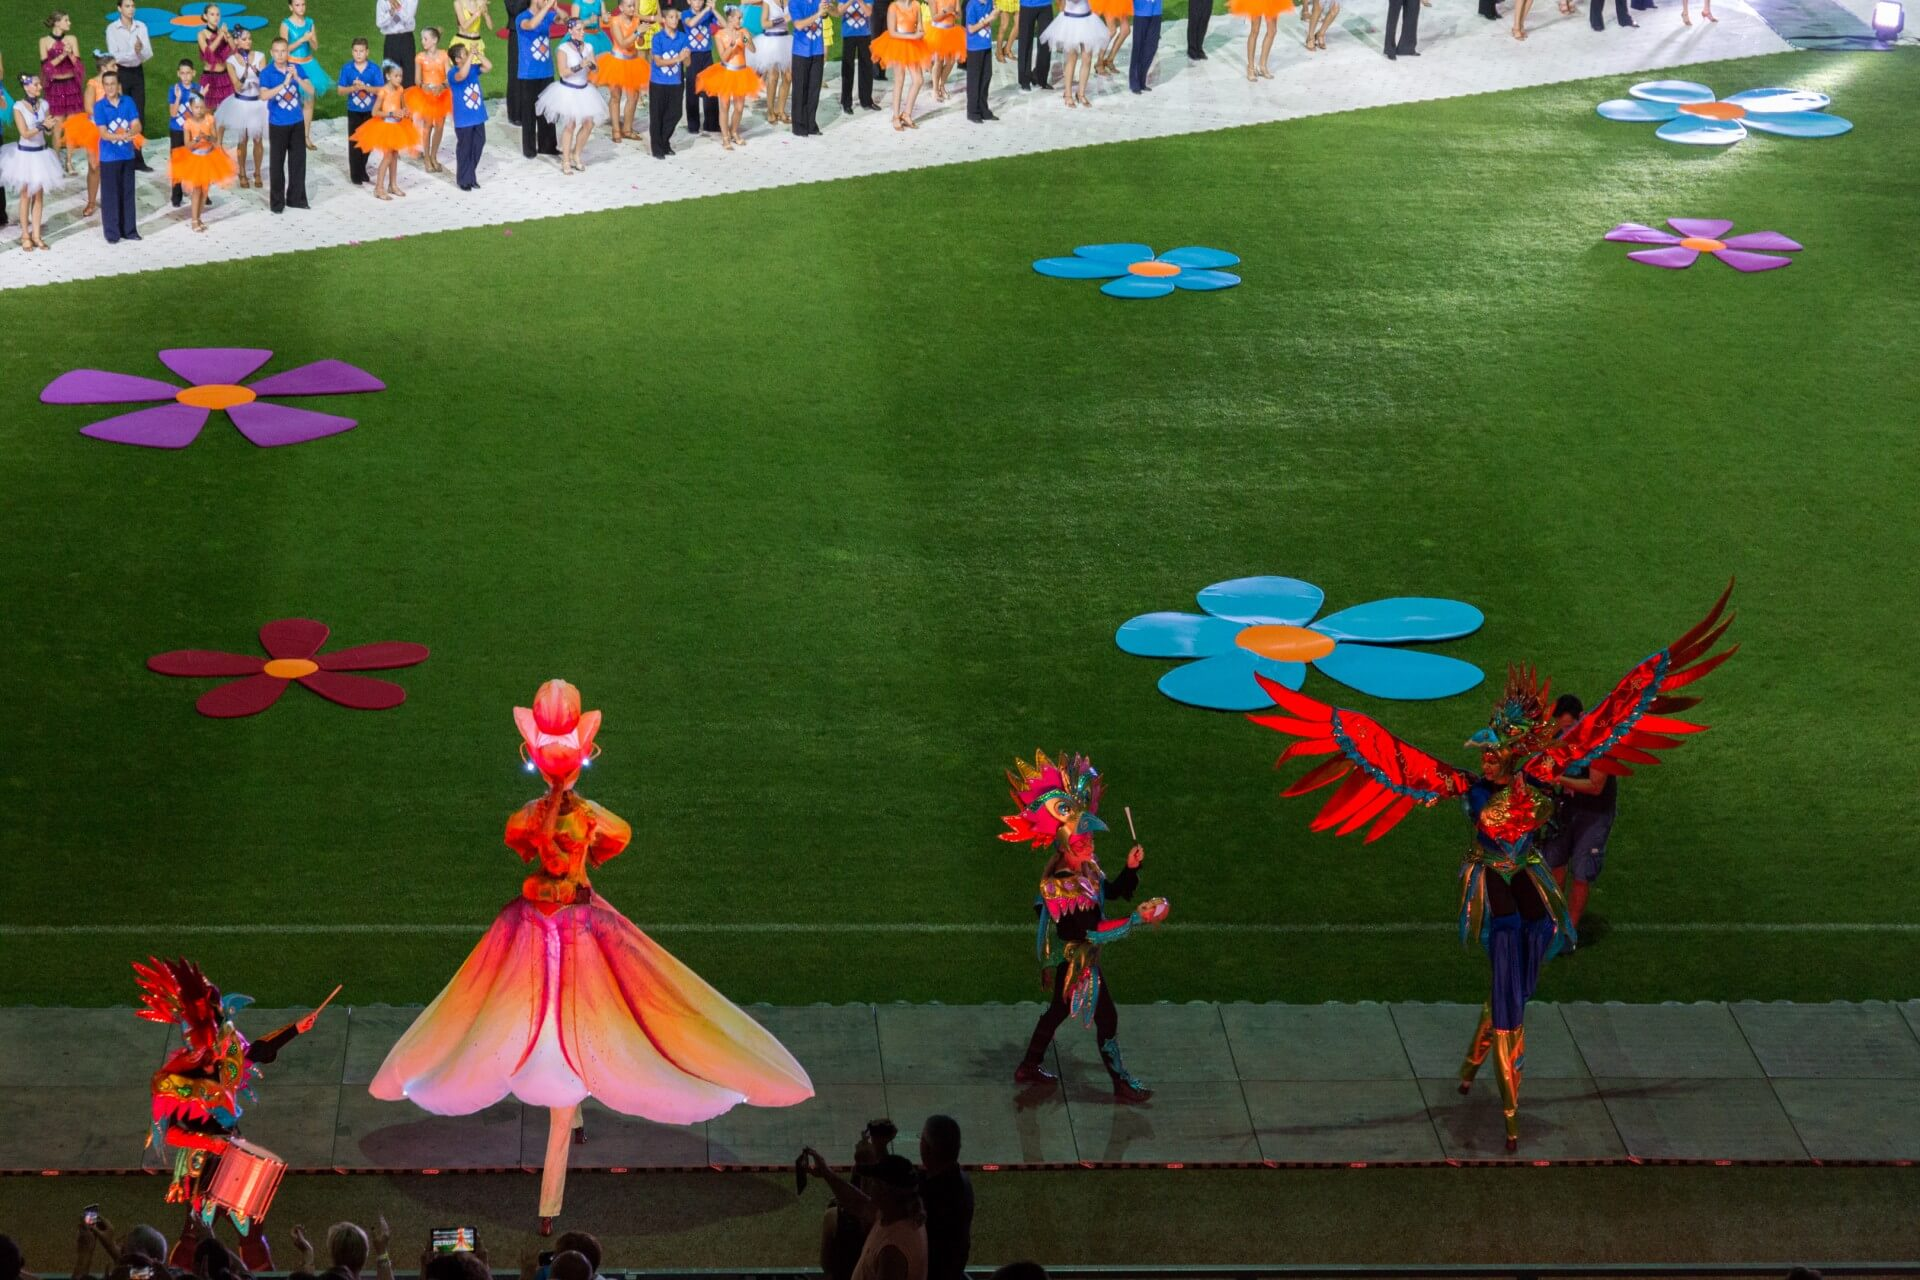 Blumenkarneval Debrecen, Stelzenart im Stadion